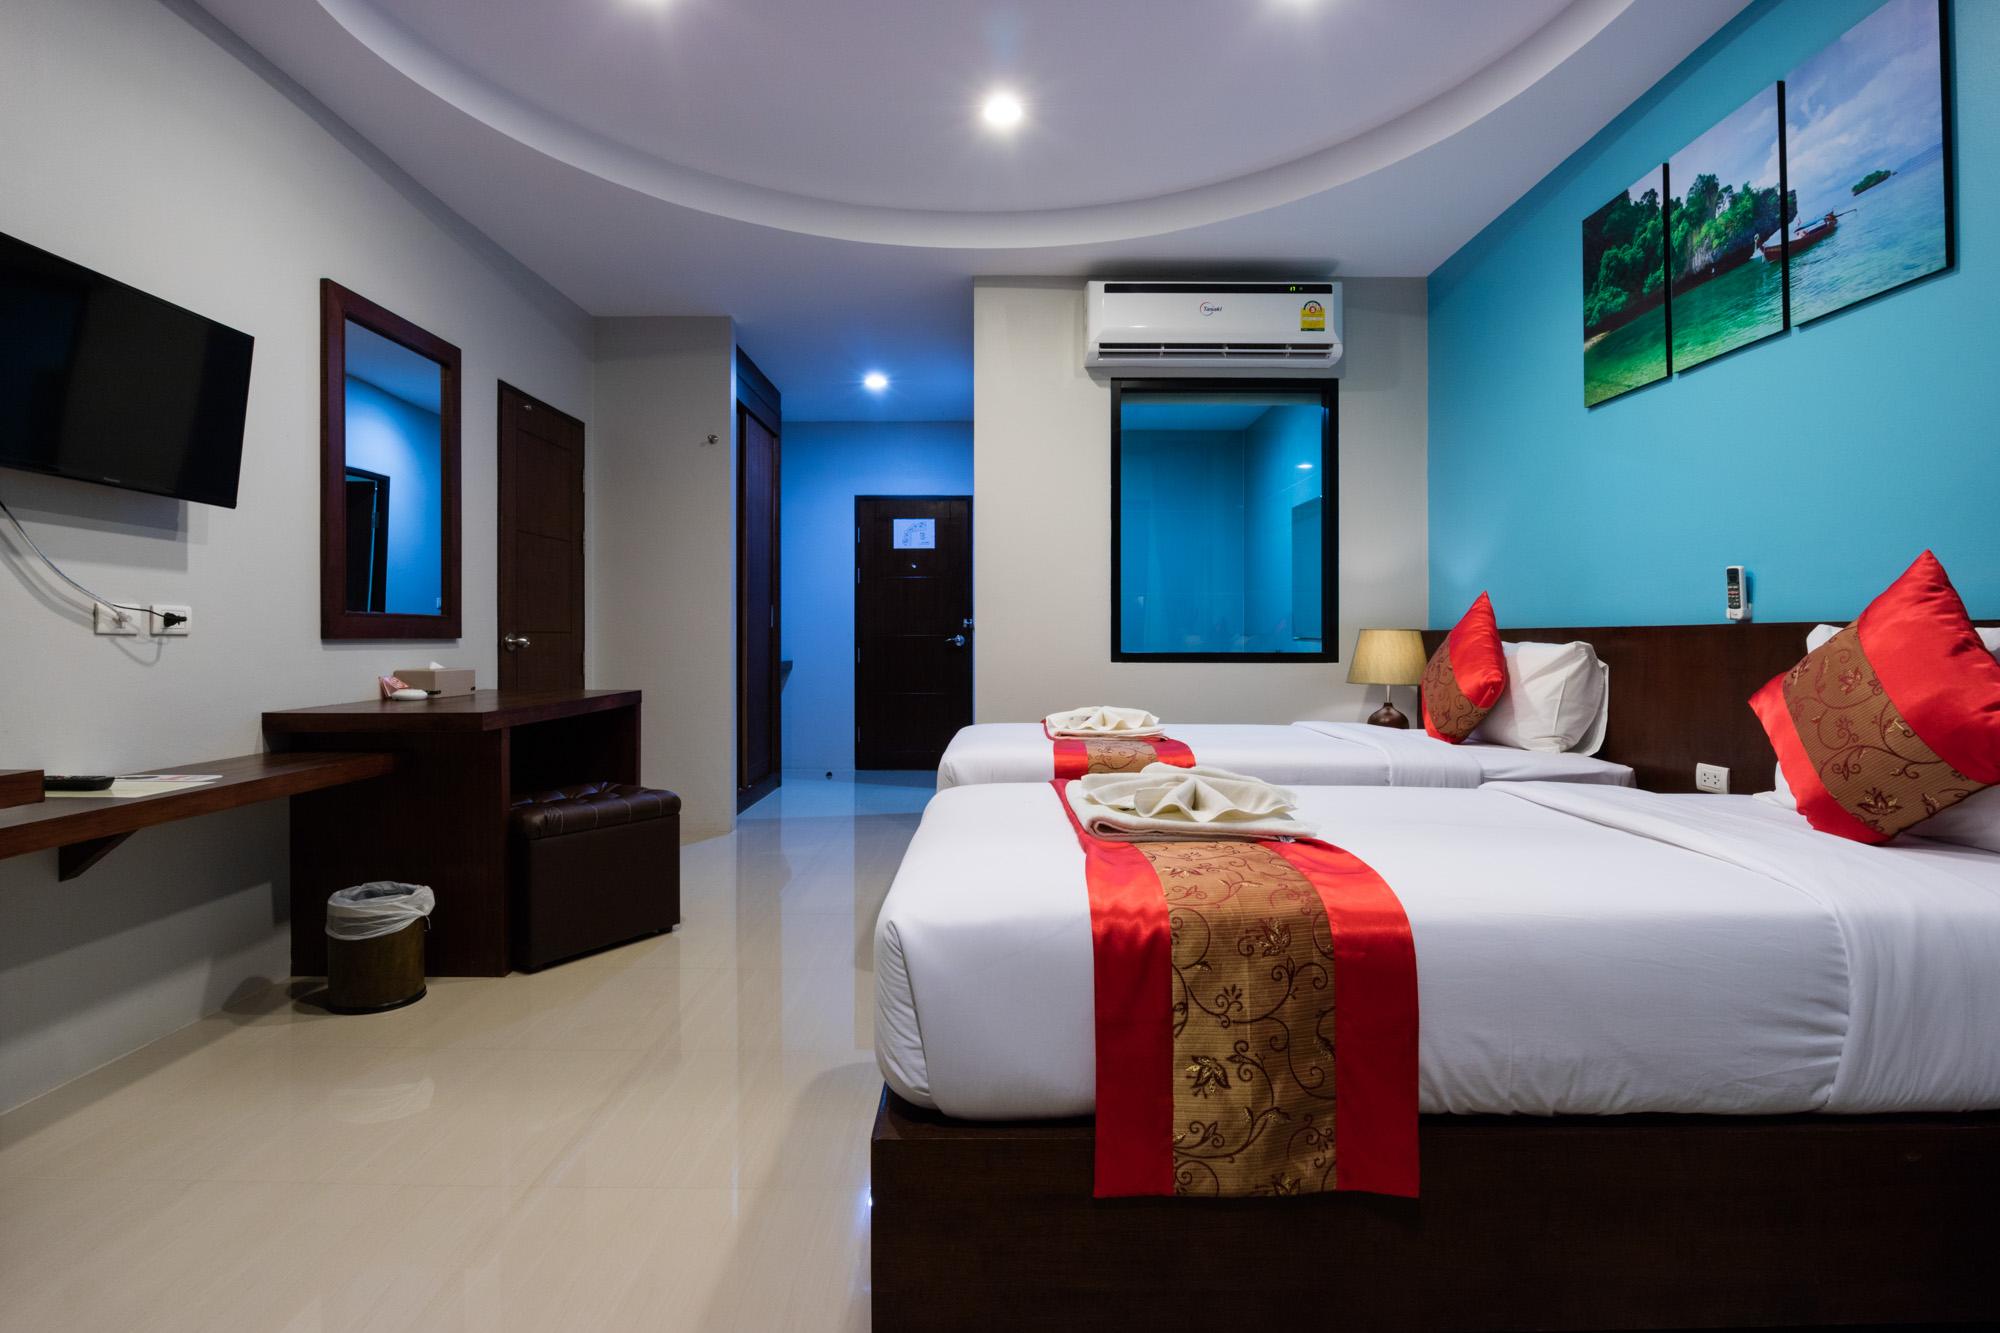 Andaman Pearl Resort อันดามัน เพิร์ล รีสอร์ต ฮาลาล  อันดามันเพิร์ล รีสอร์ท Andaman Pearl Resort Aonang IMG 4996